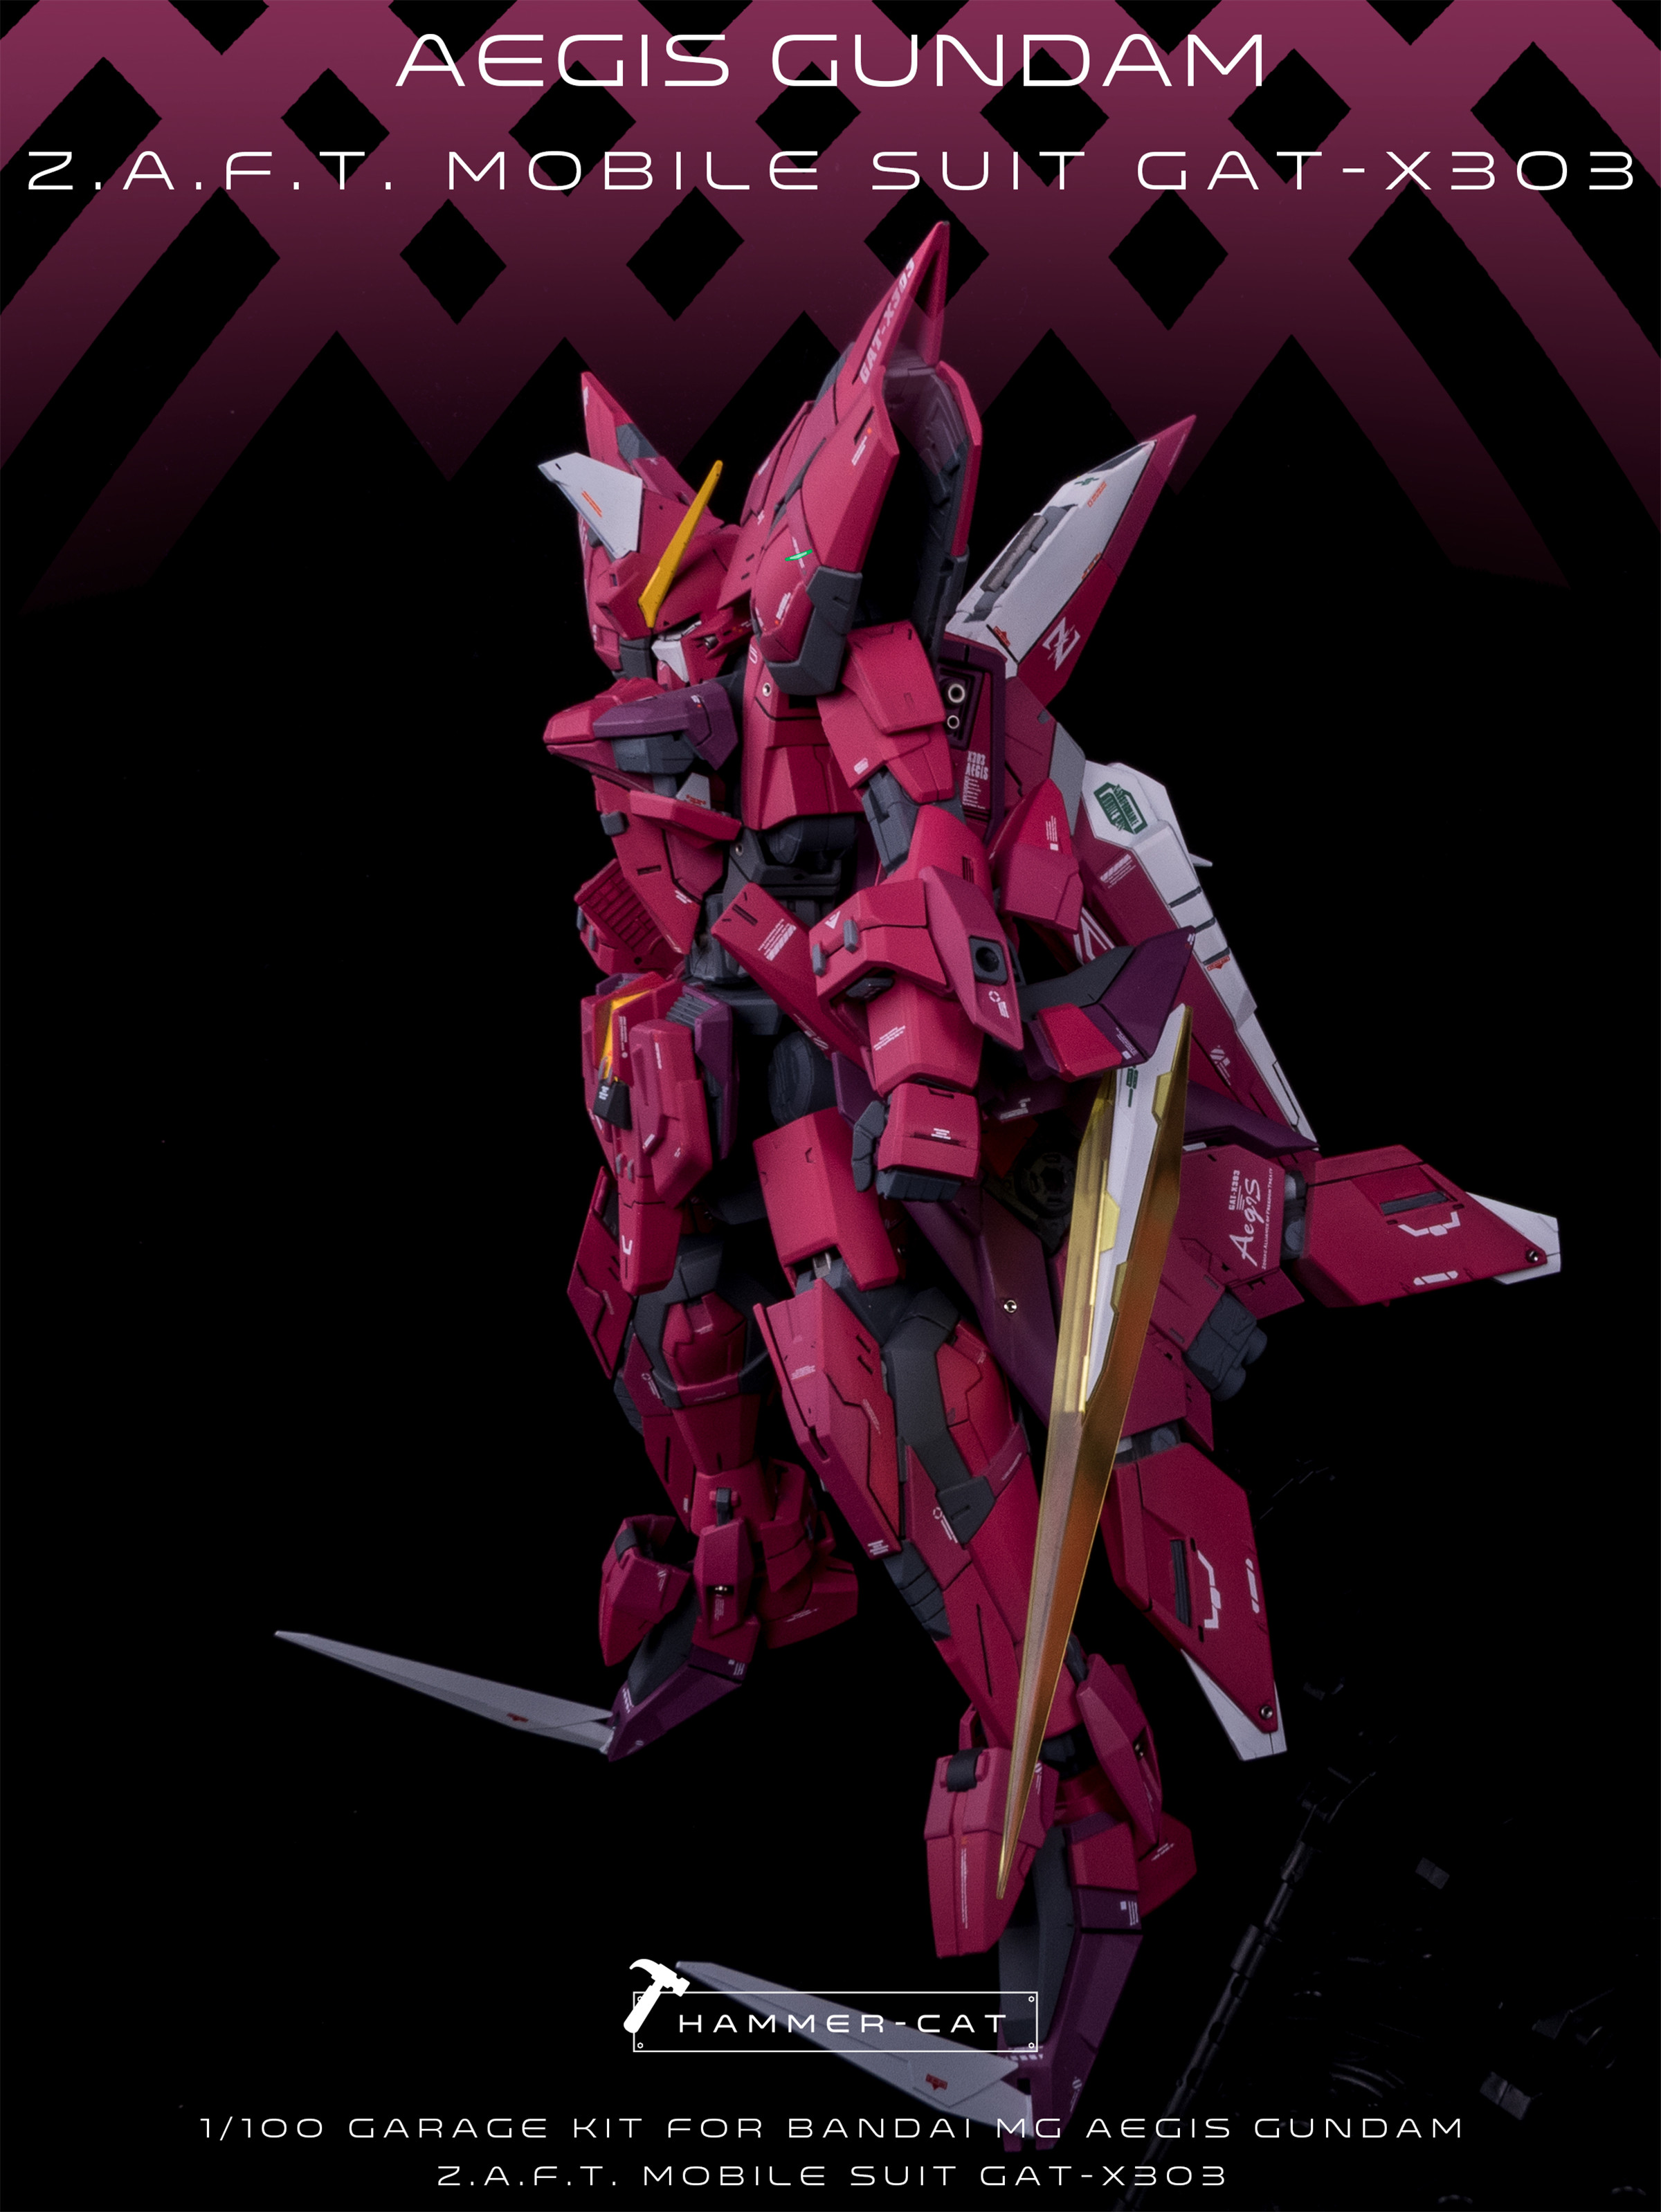 G579_GAT_X303_Aegis_Gundam_003.jpg